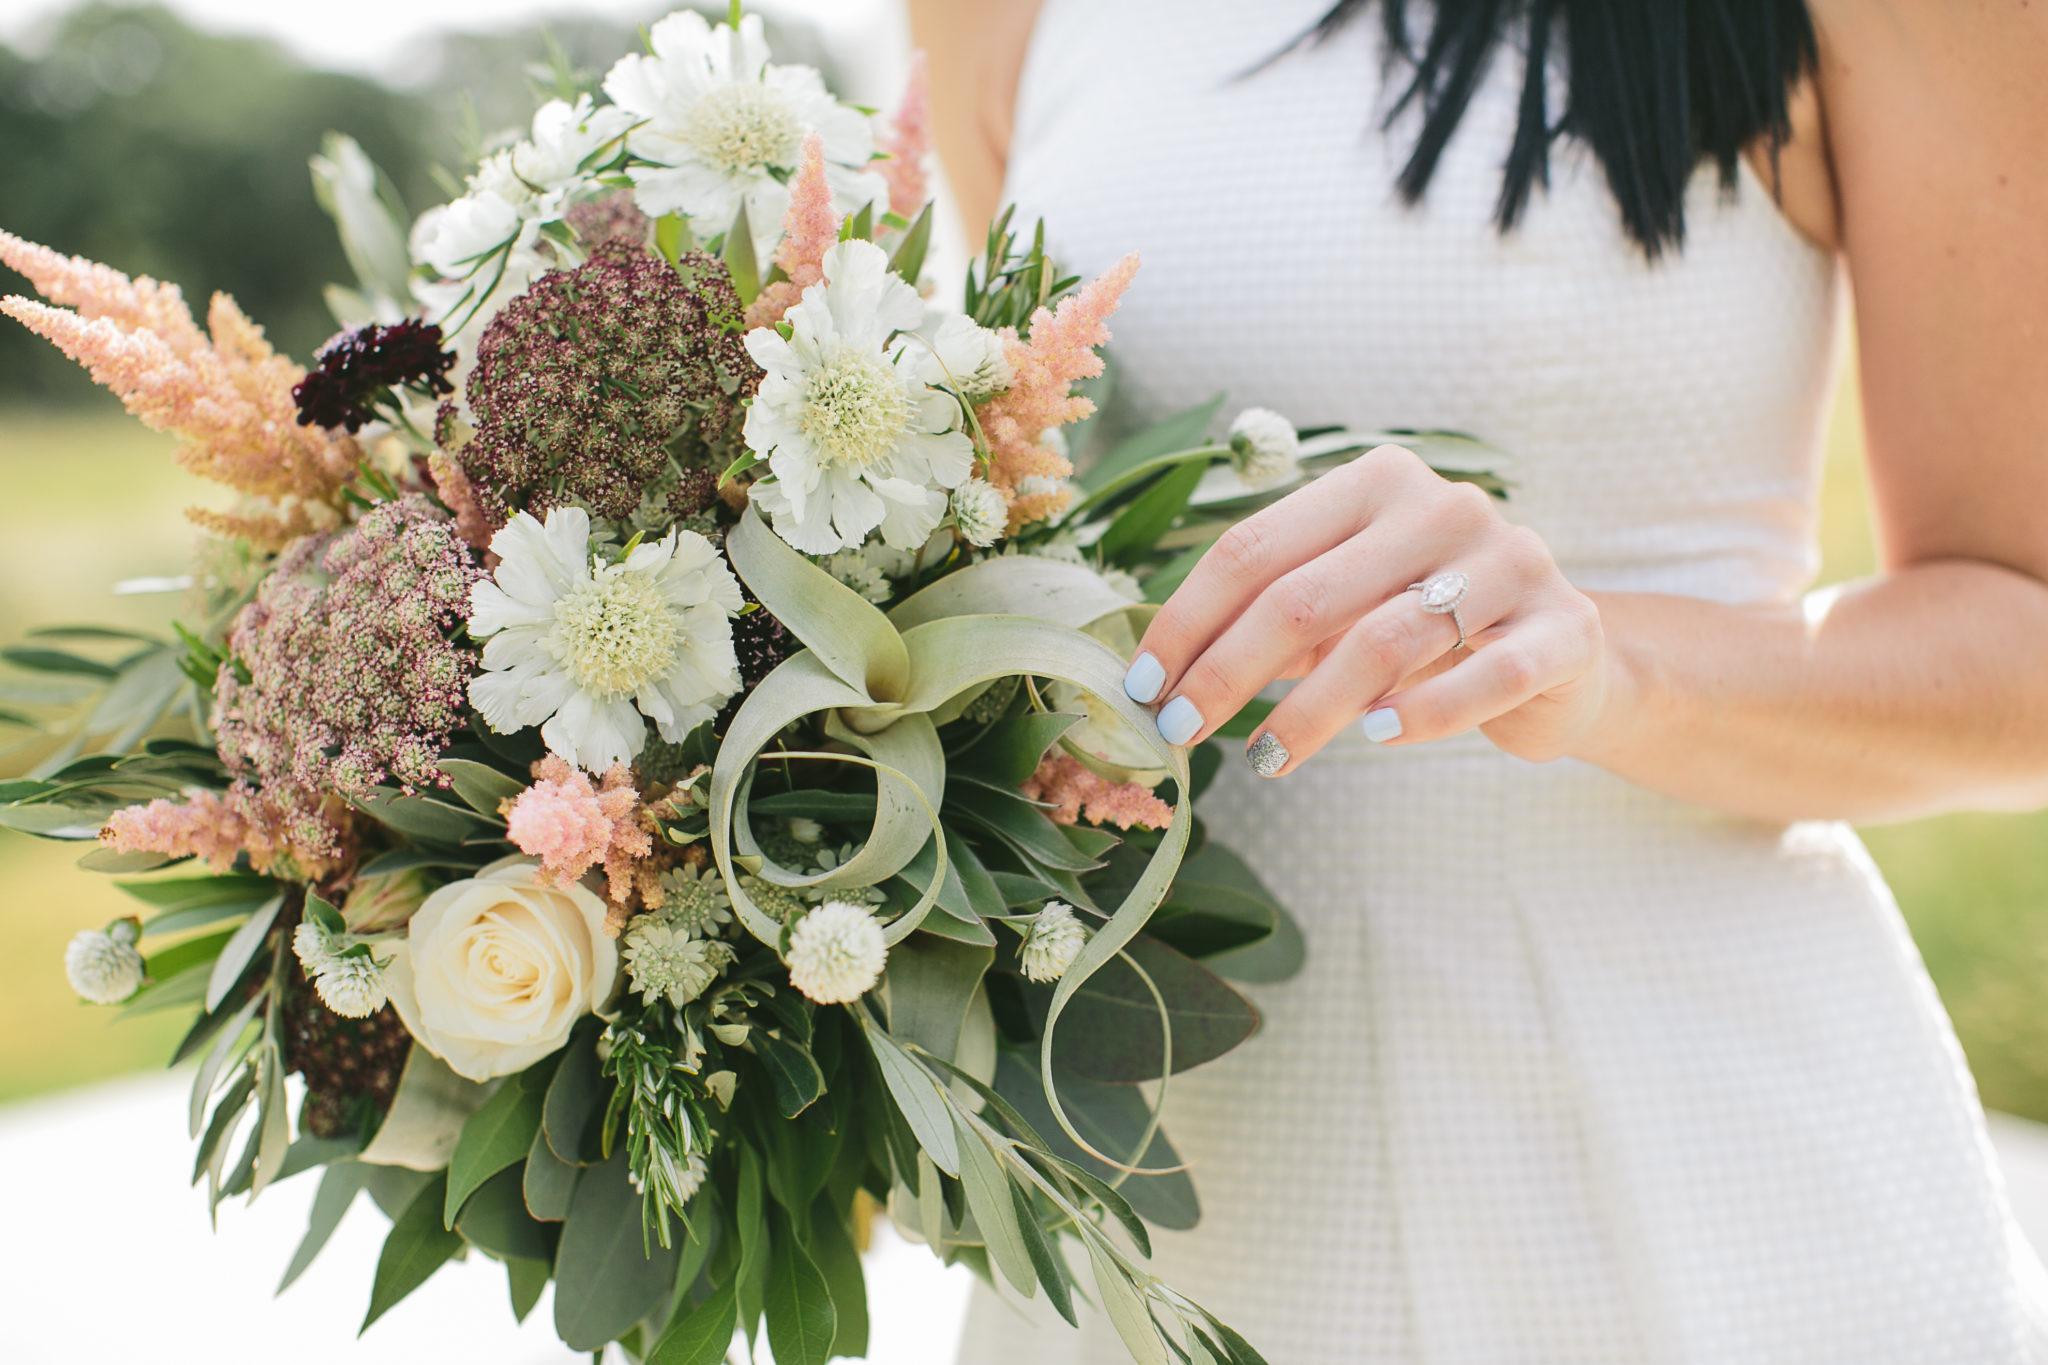 king-florist-bouquet